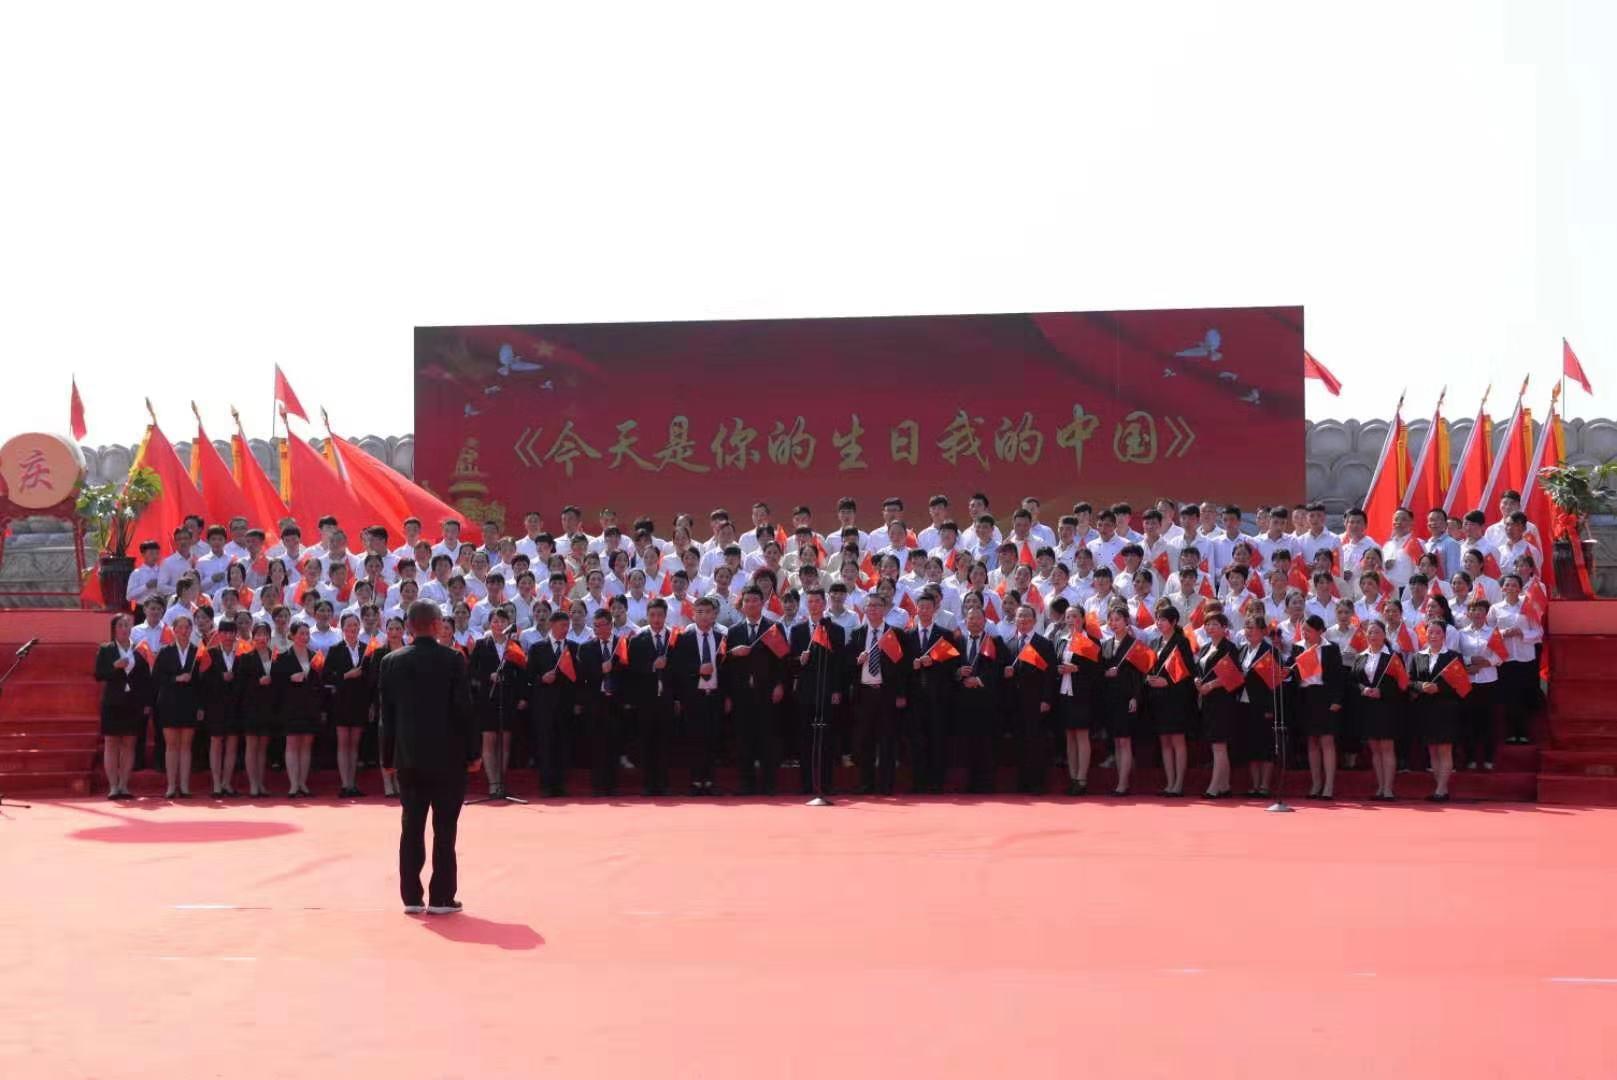 为庆祝祖国70周年,千余名天瑞员工在尧山举行大合唱